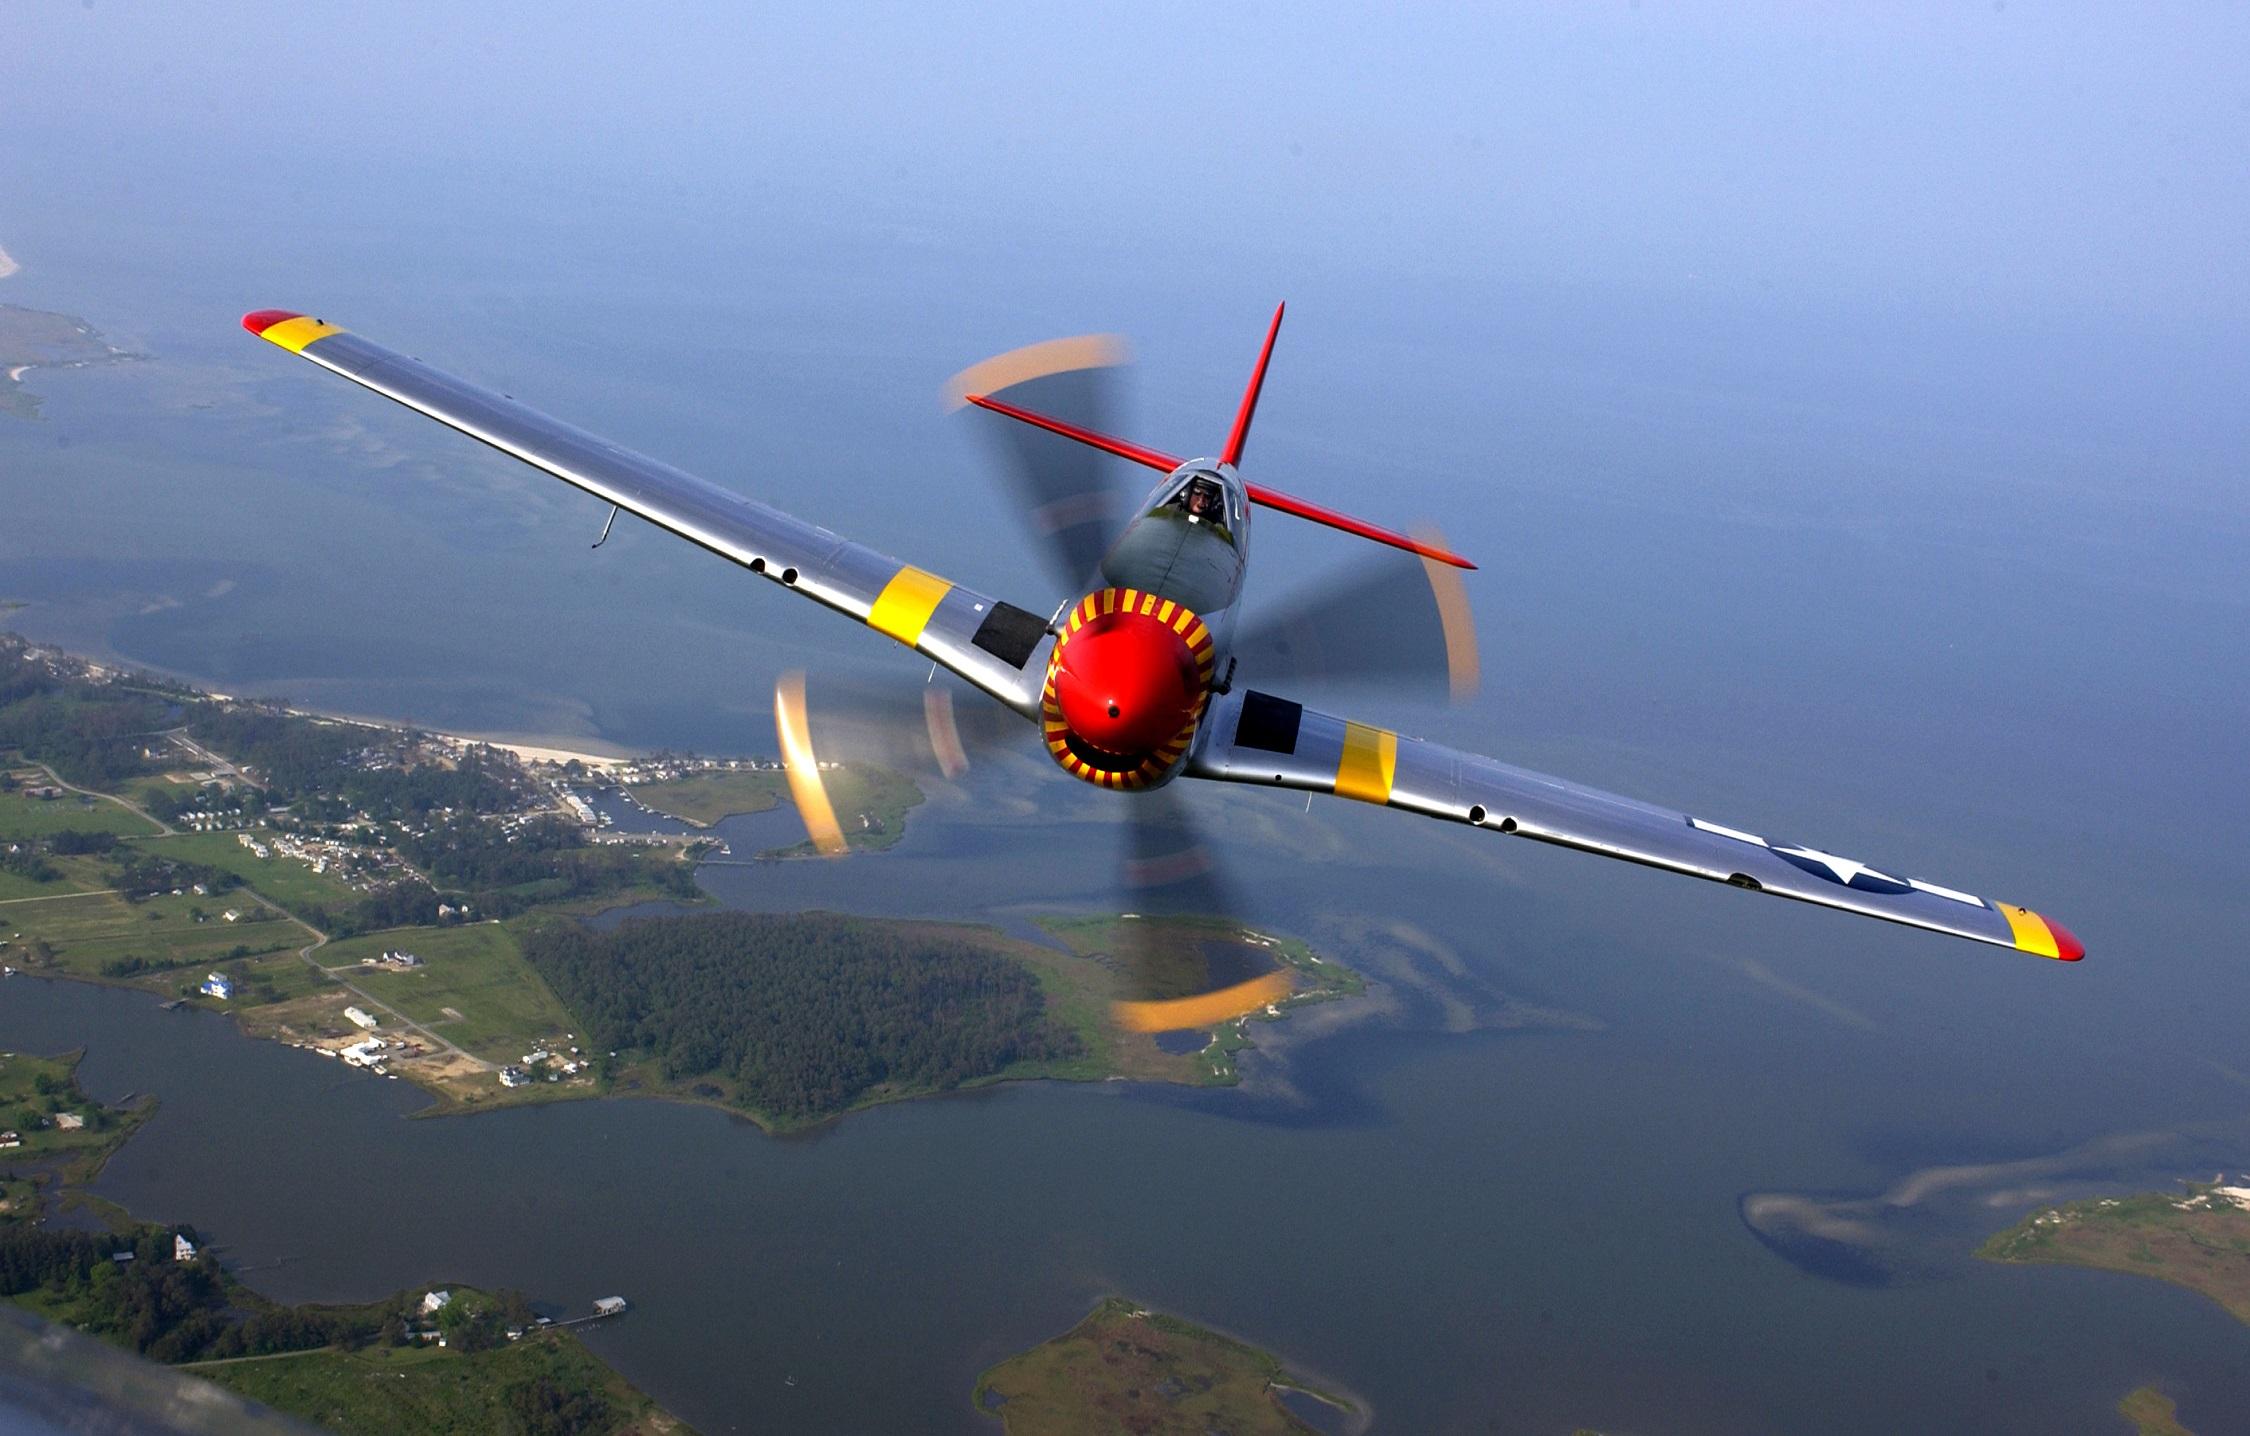 P-51 Mustang, Le Libérateur De L'europe tout Avion De Oui Oui